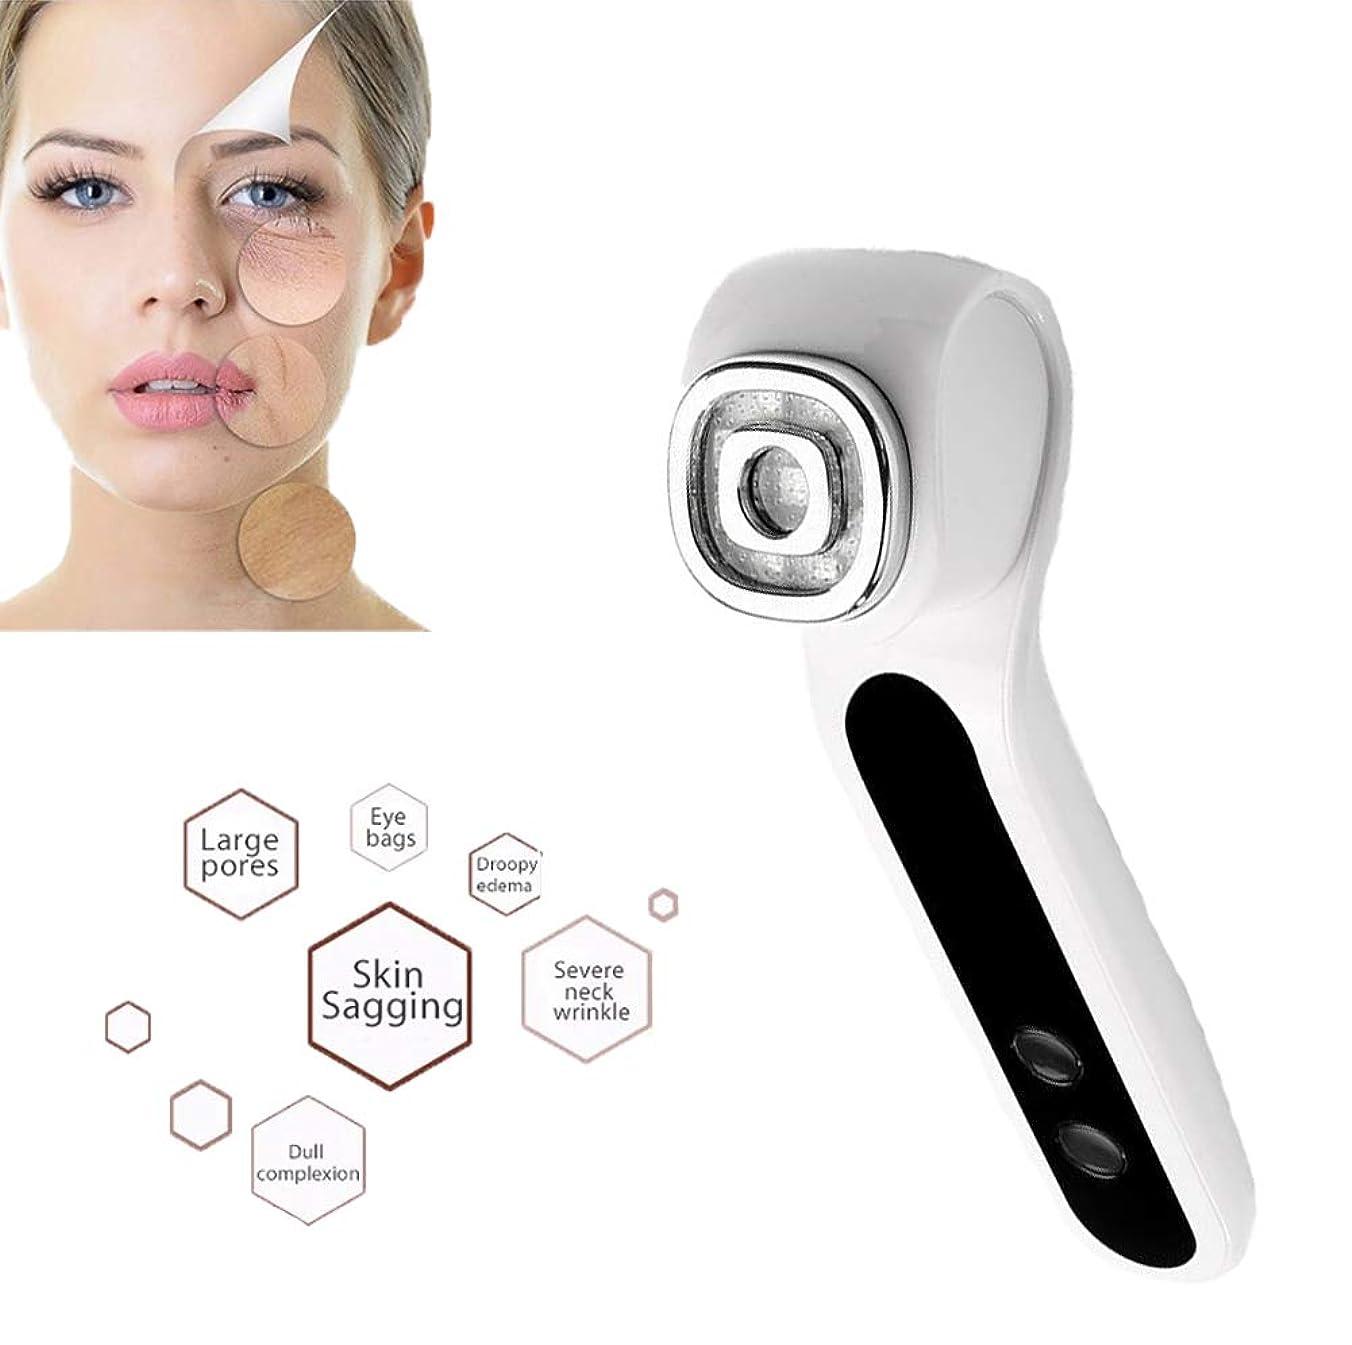 挽く獣隣接美容化粧品LED光子療法RF + EMSリフティングイオンクレンジング振動肌の整形マッサージ用家庭用